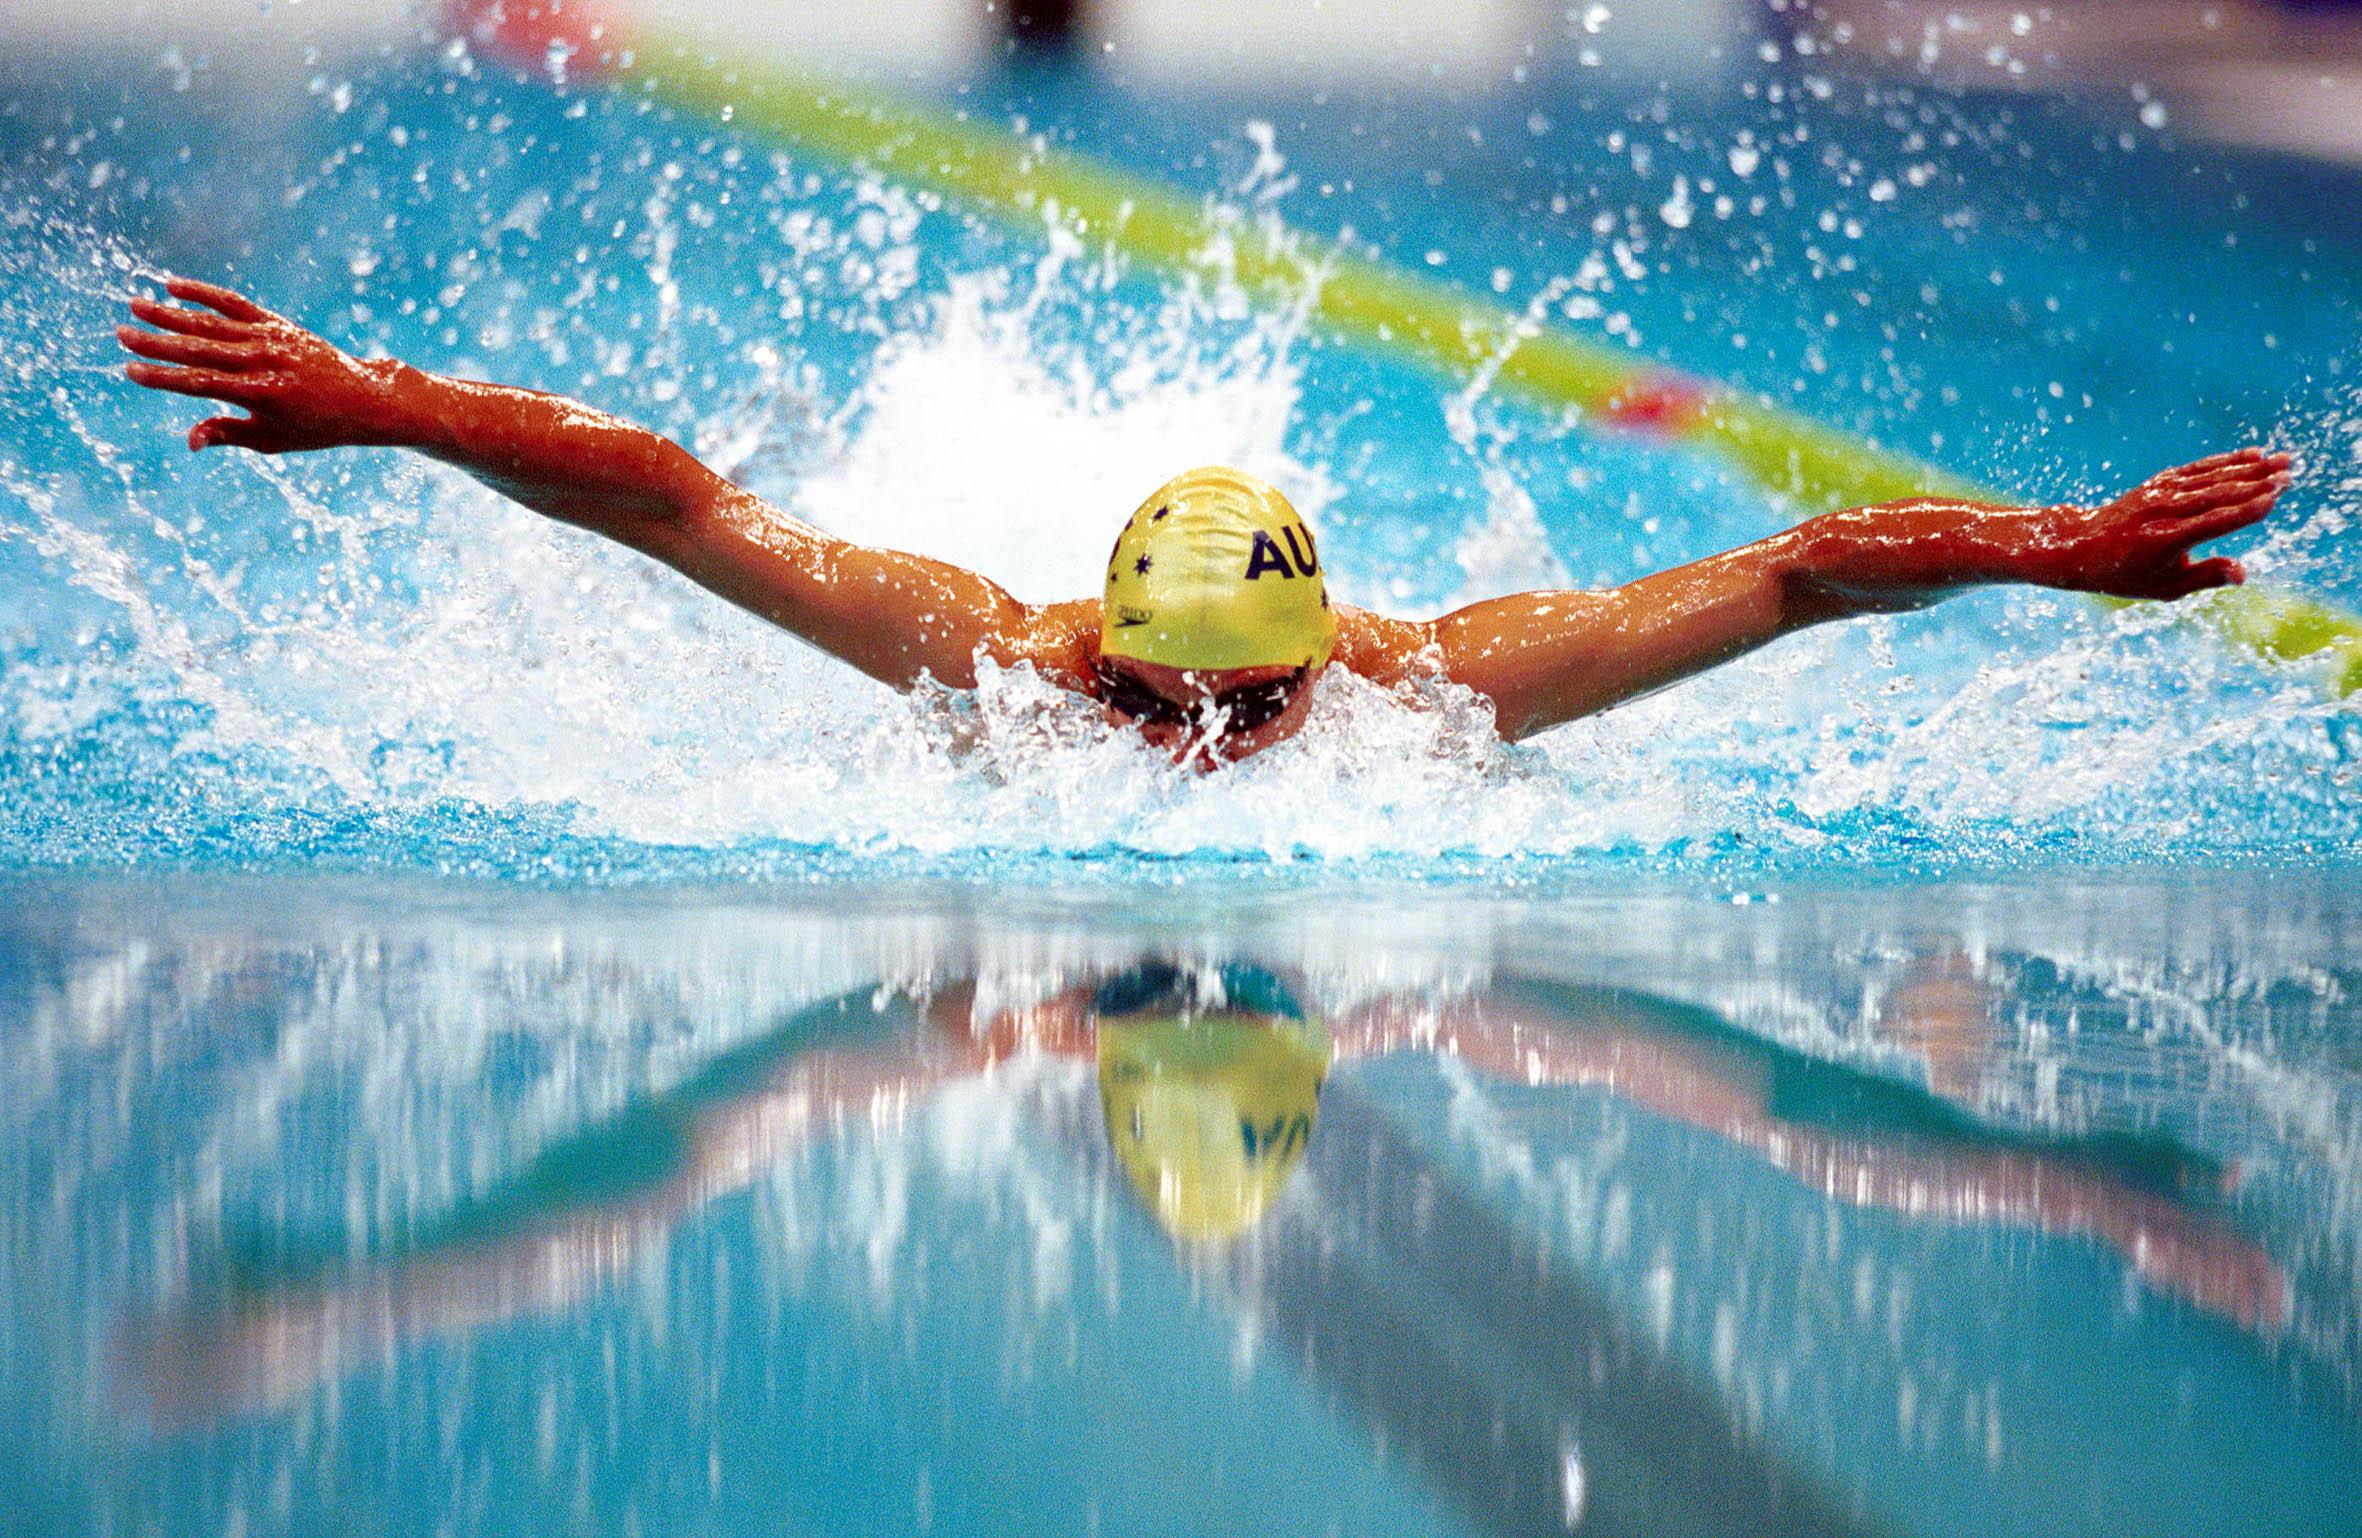 Miért is olyan egészséges az úszás?